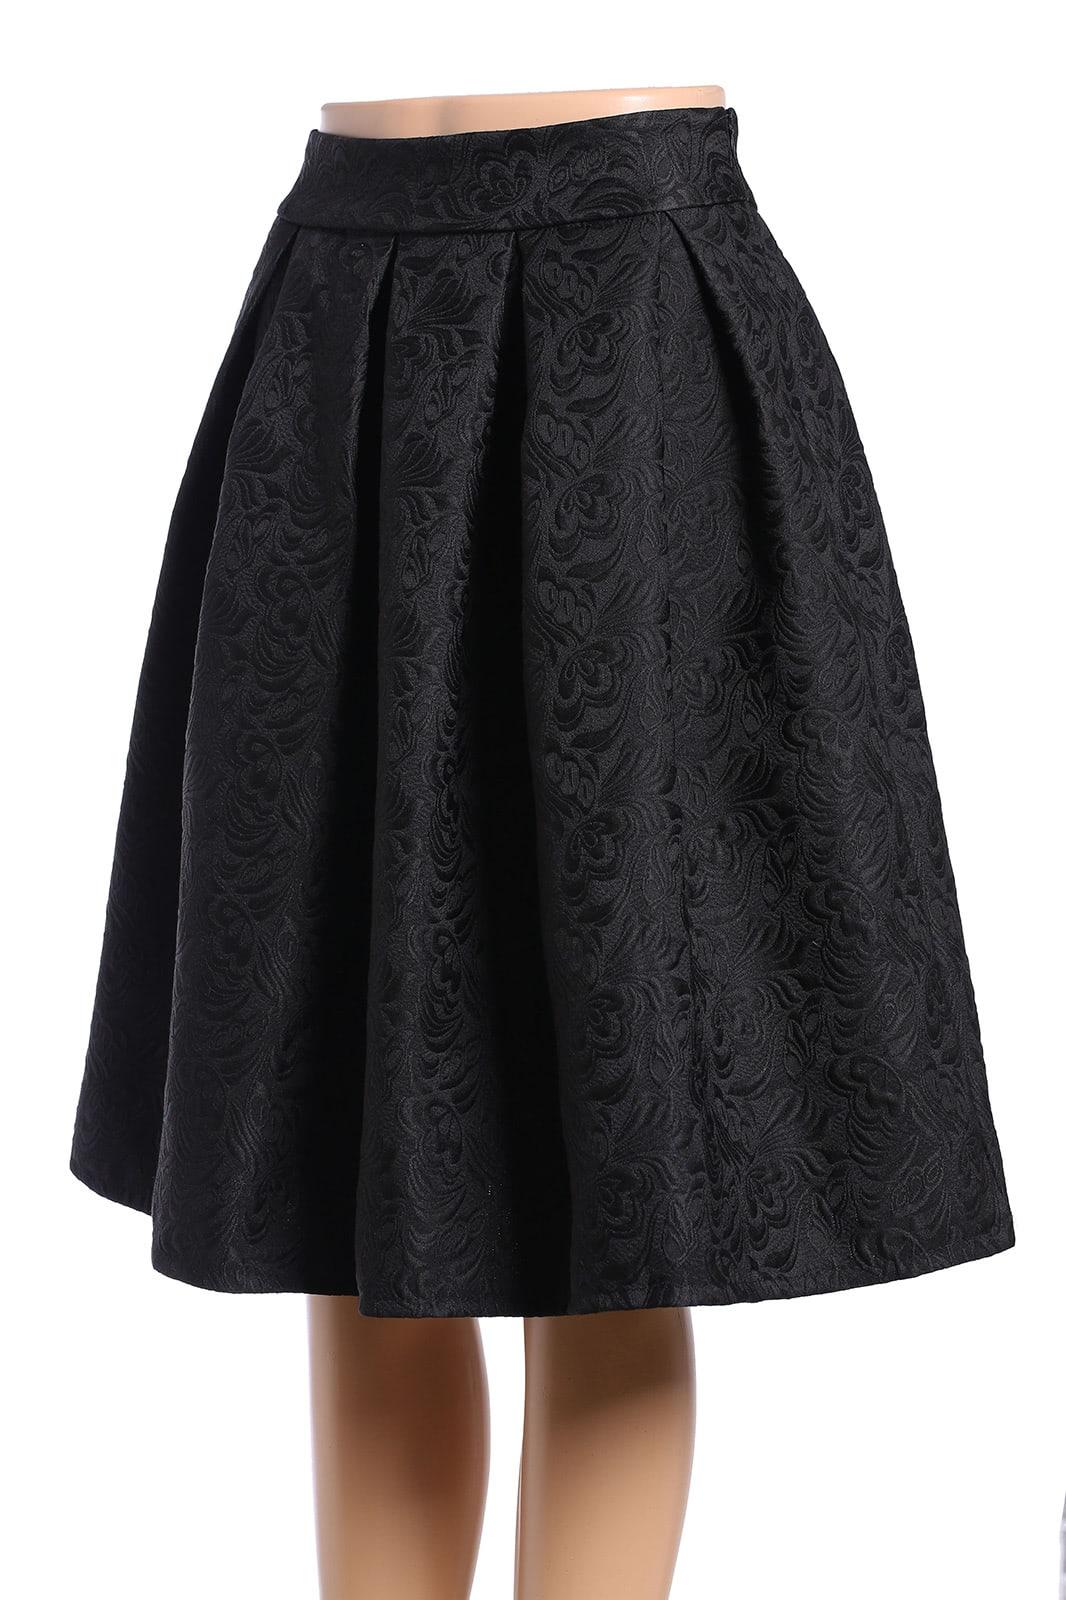 jacquard black midi skirtfor romwe